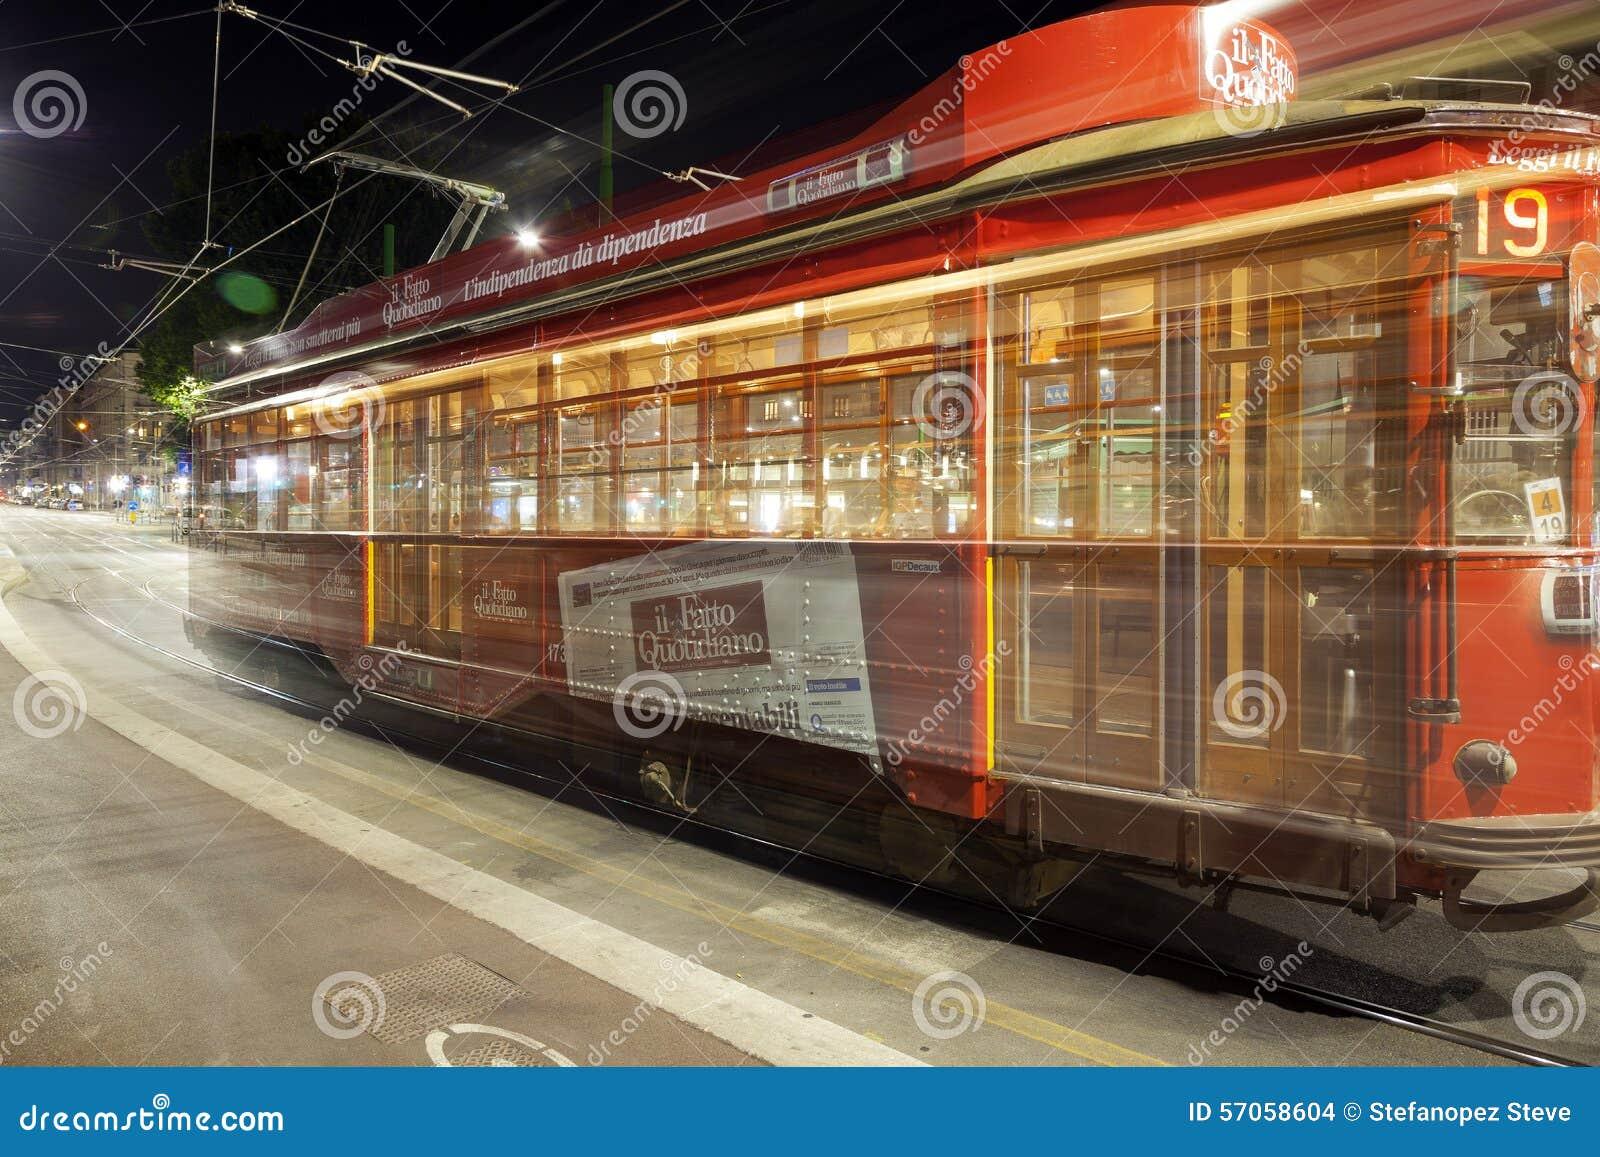 De Tram van de stad van Milaan, de zomernacht Het beeld van de kleur